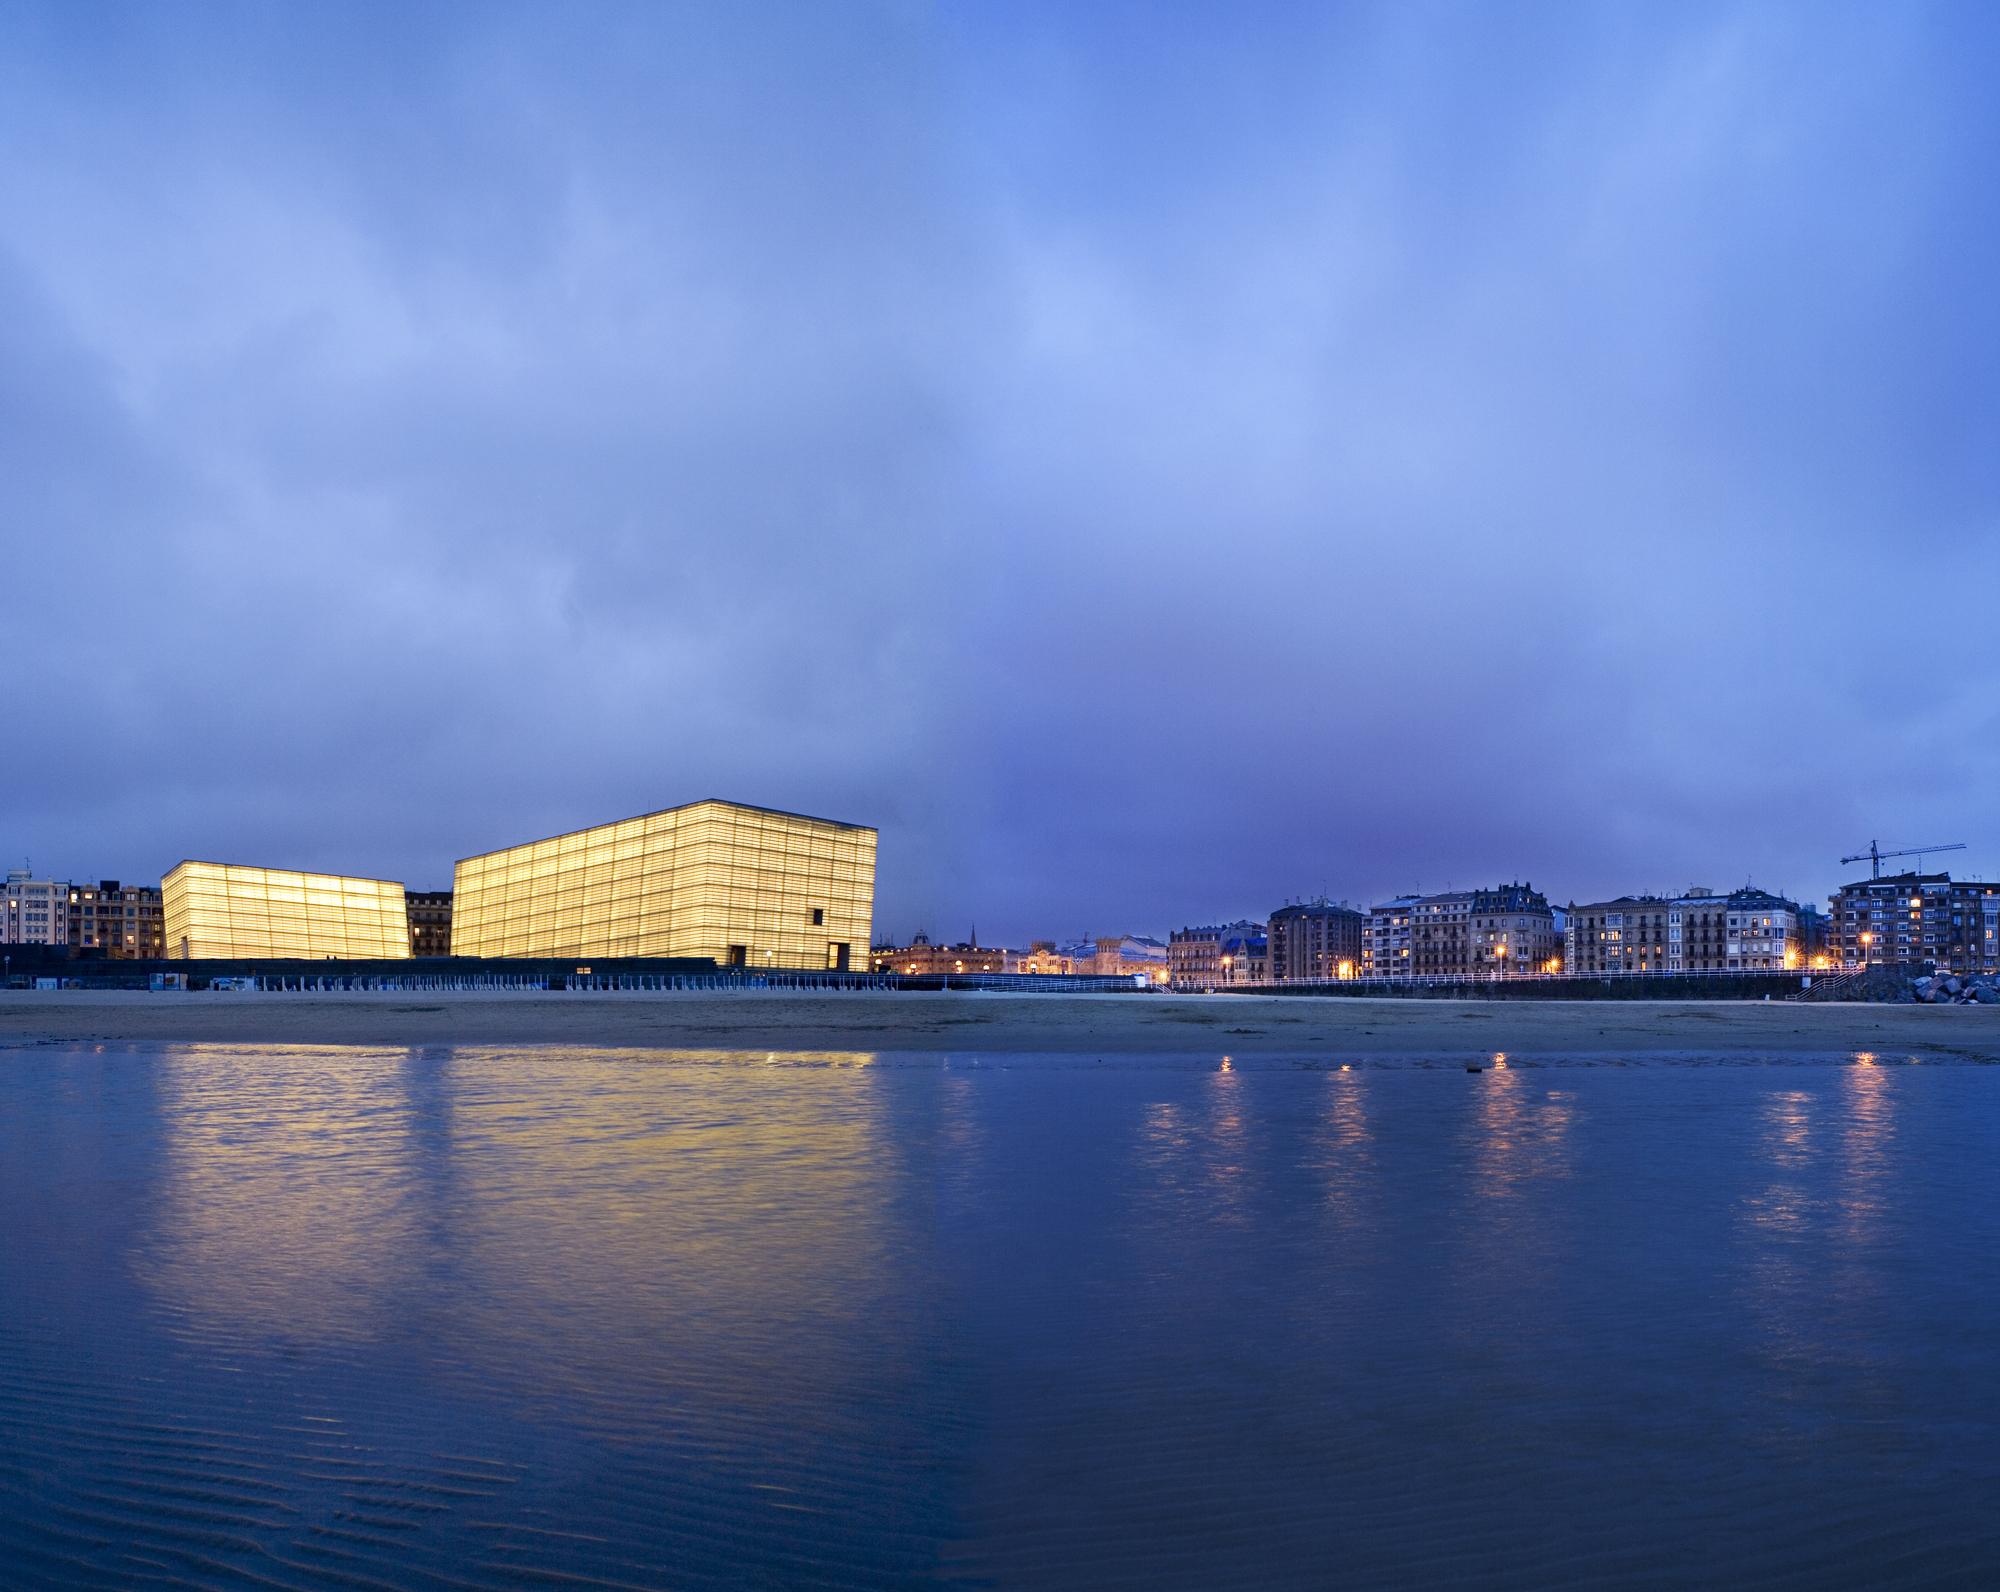 Kursaal Concert Hall di San Sebastián. Qui il paesaggio è fra i più ricchi e frastagliati che si possano immaginare